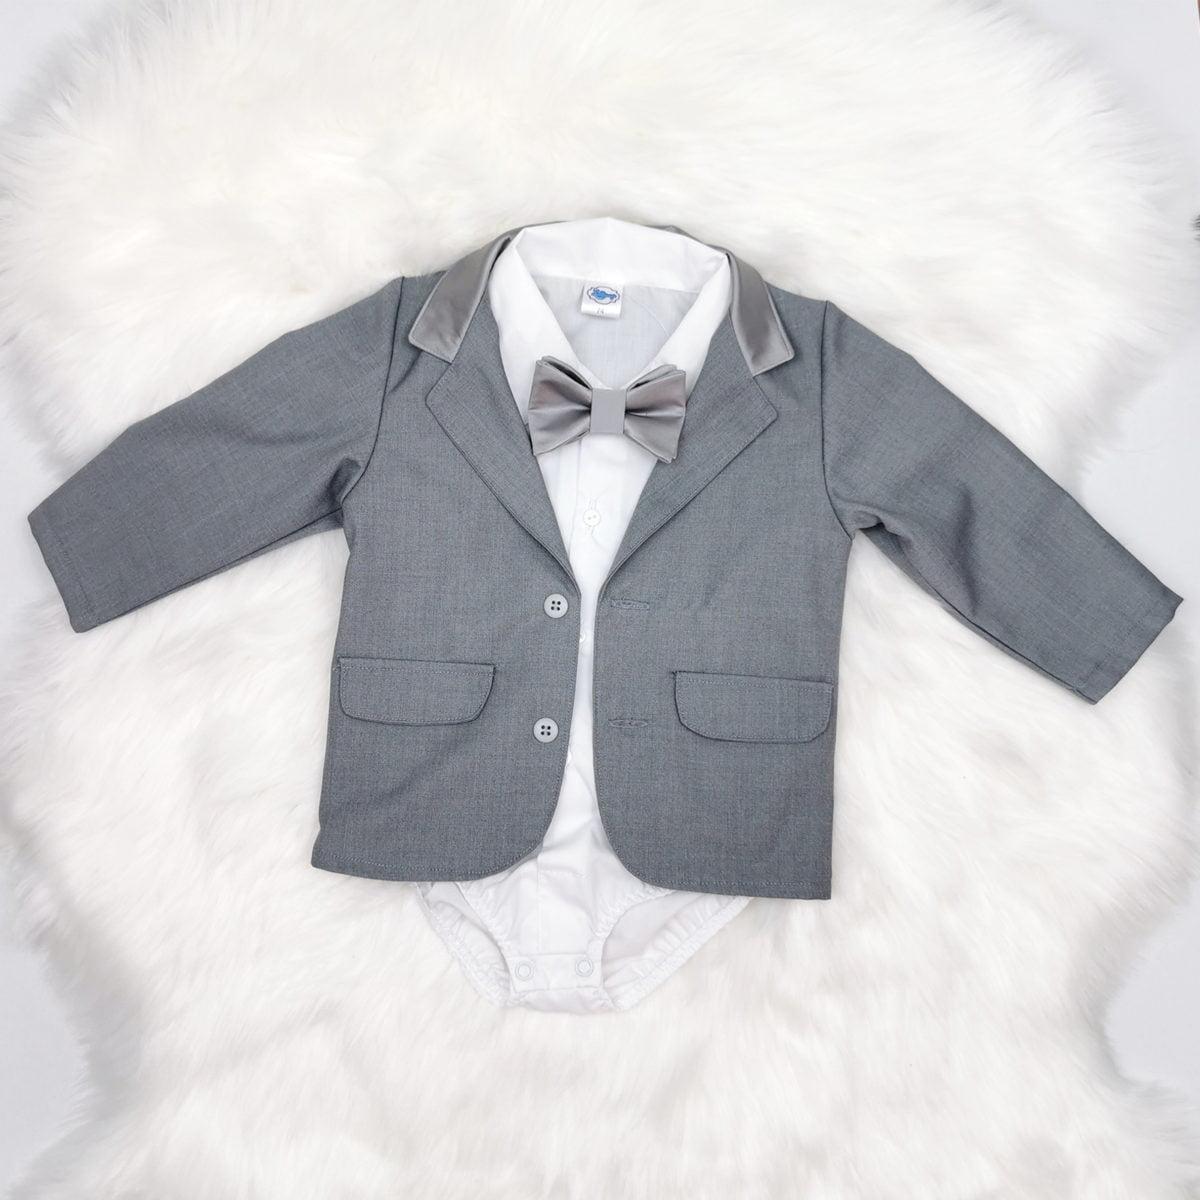 bodi košulja i sako sivo srebrni za krštenje